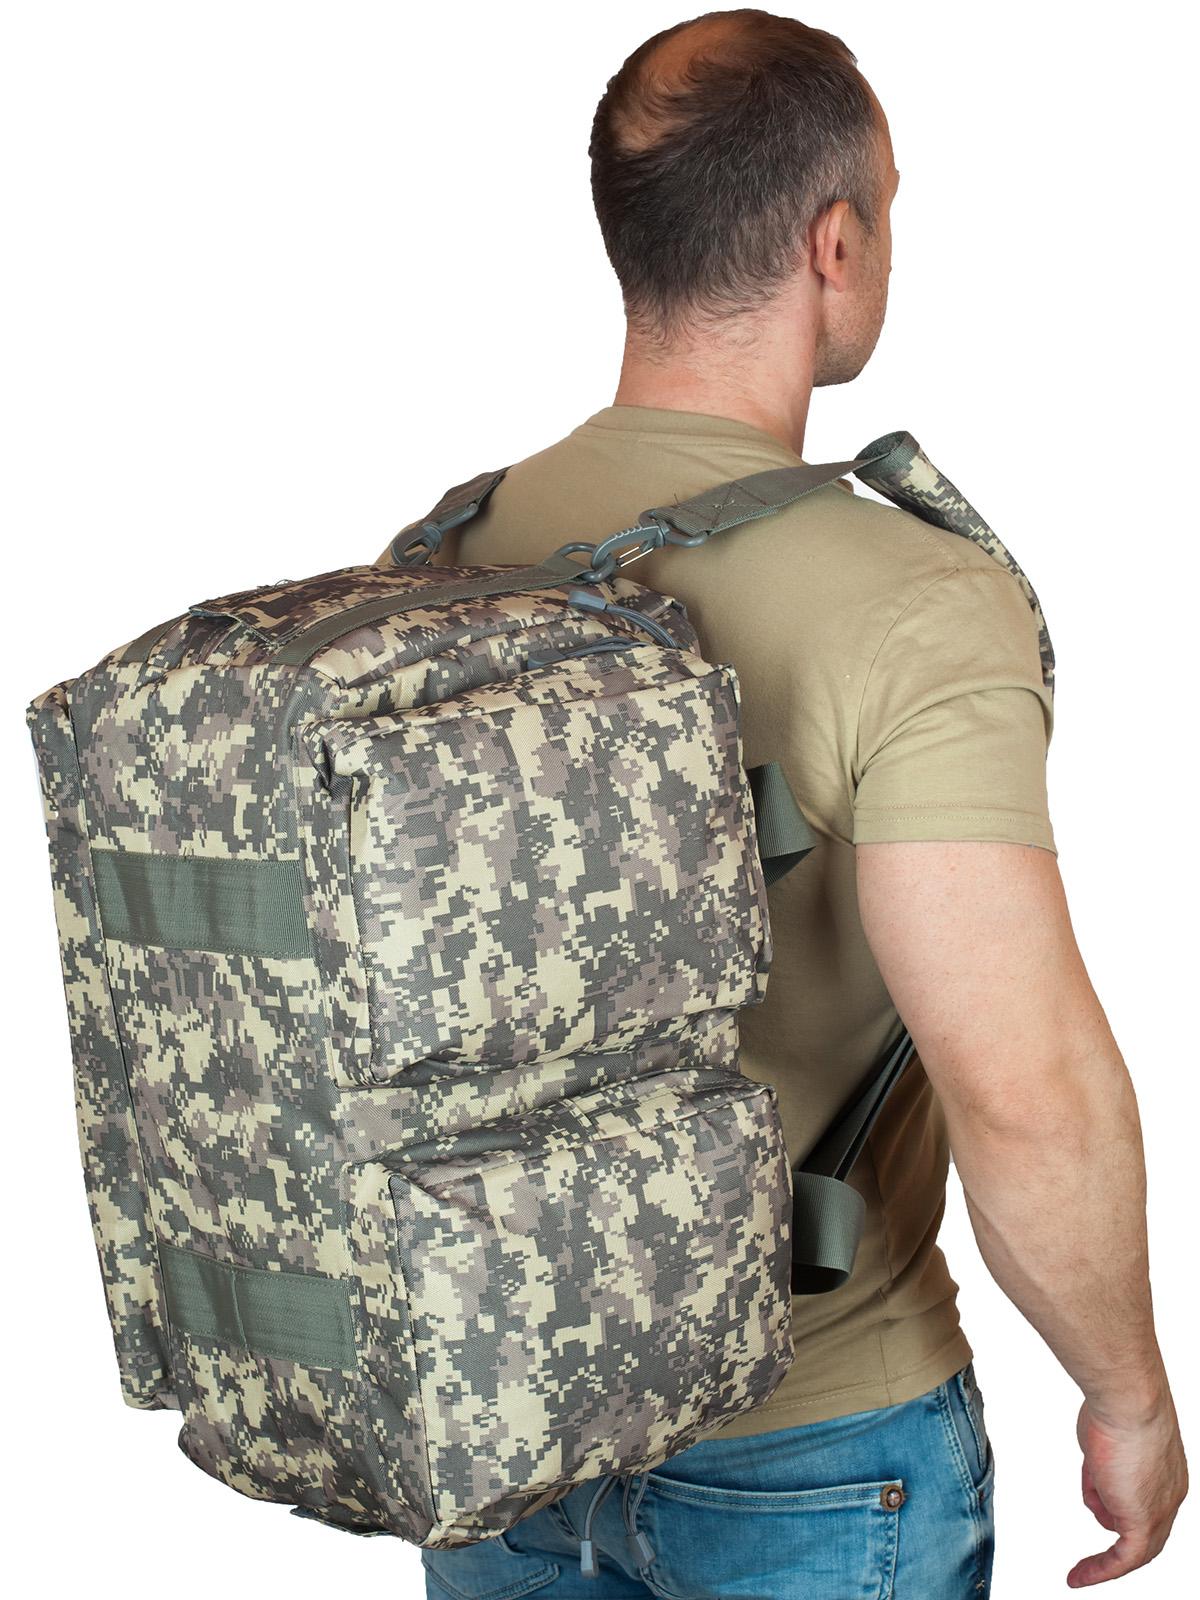 Купить армейскую камуфляжную сумку-рюкзак ВКС с доставкой или самовывозом